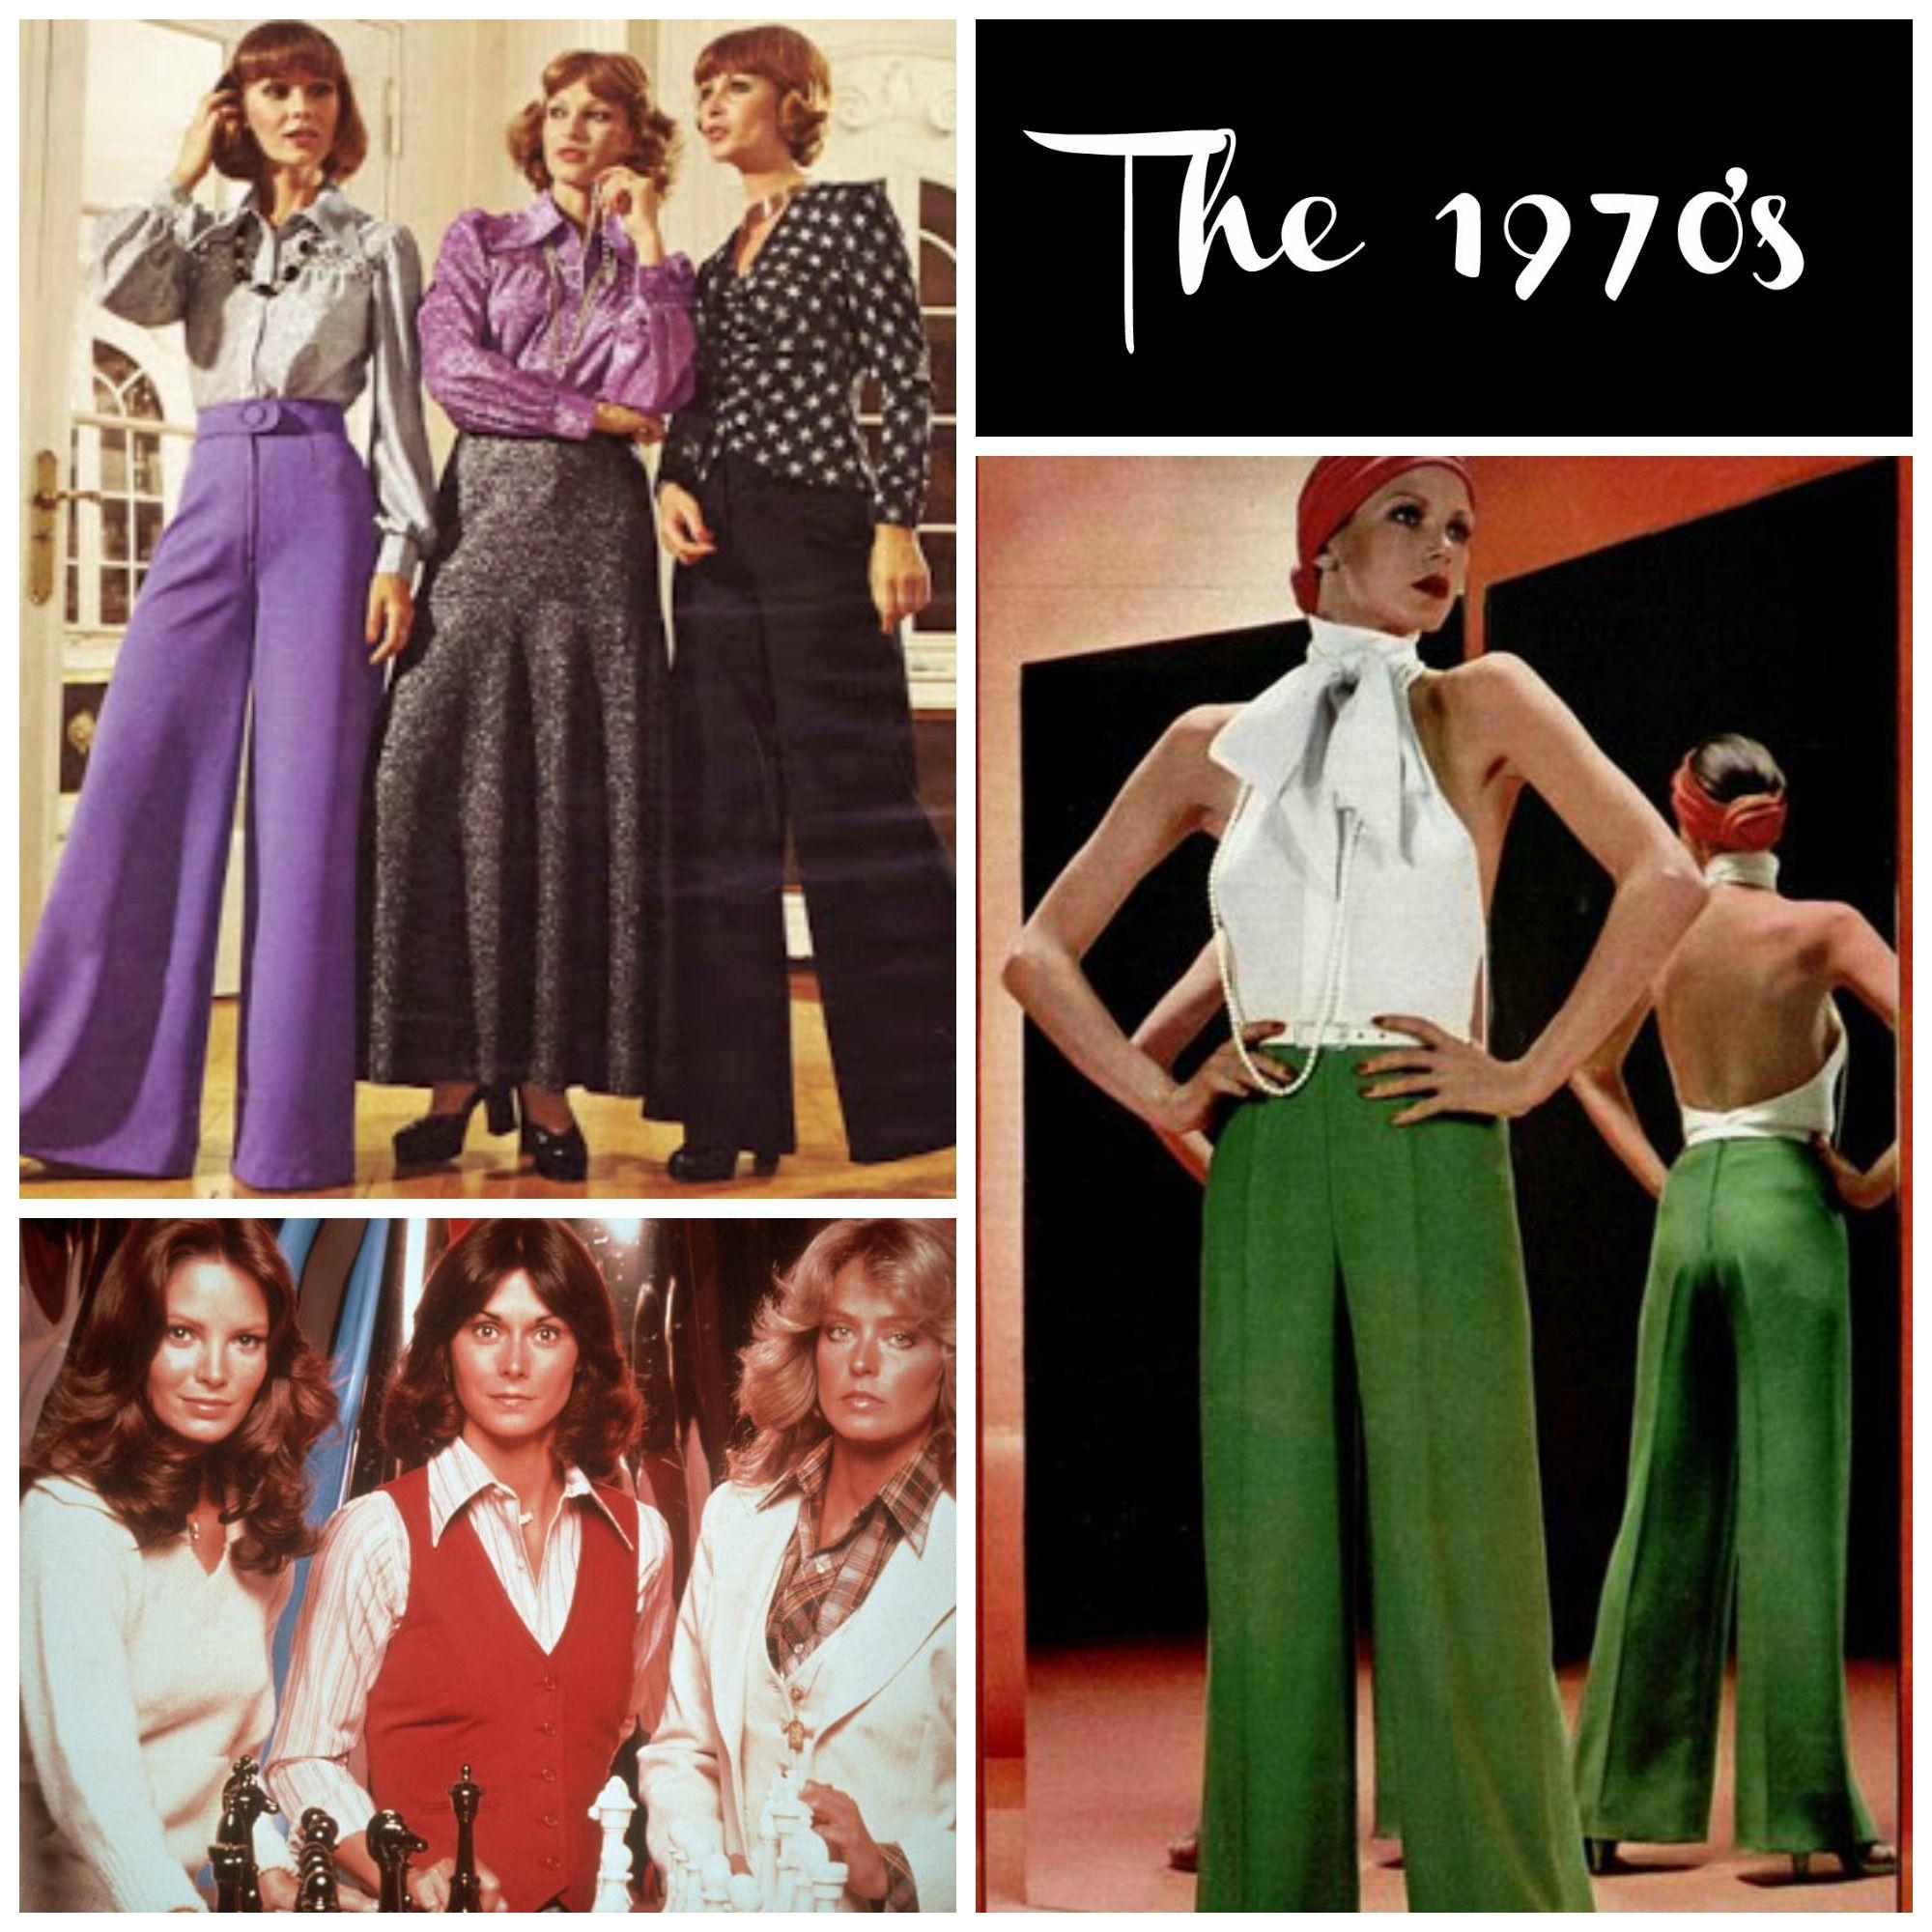 Tendências | Boho, Hippie e Rock Marcam o Retorno Exuberante Dos Anos 70 Na Moda Internacional